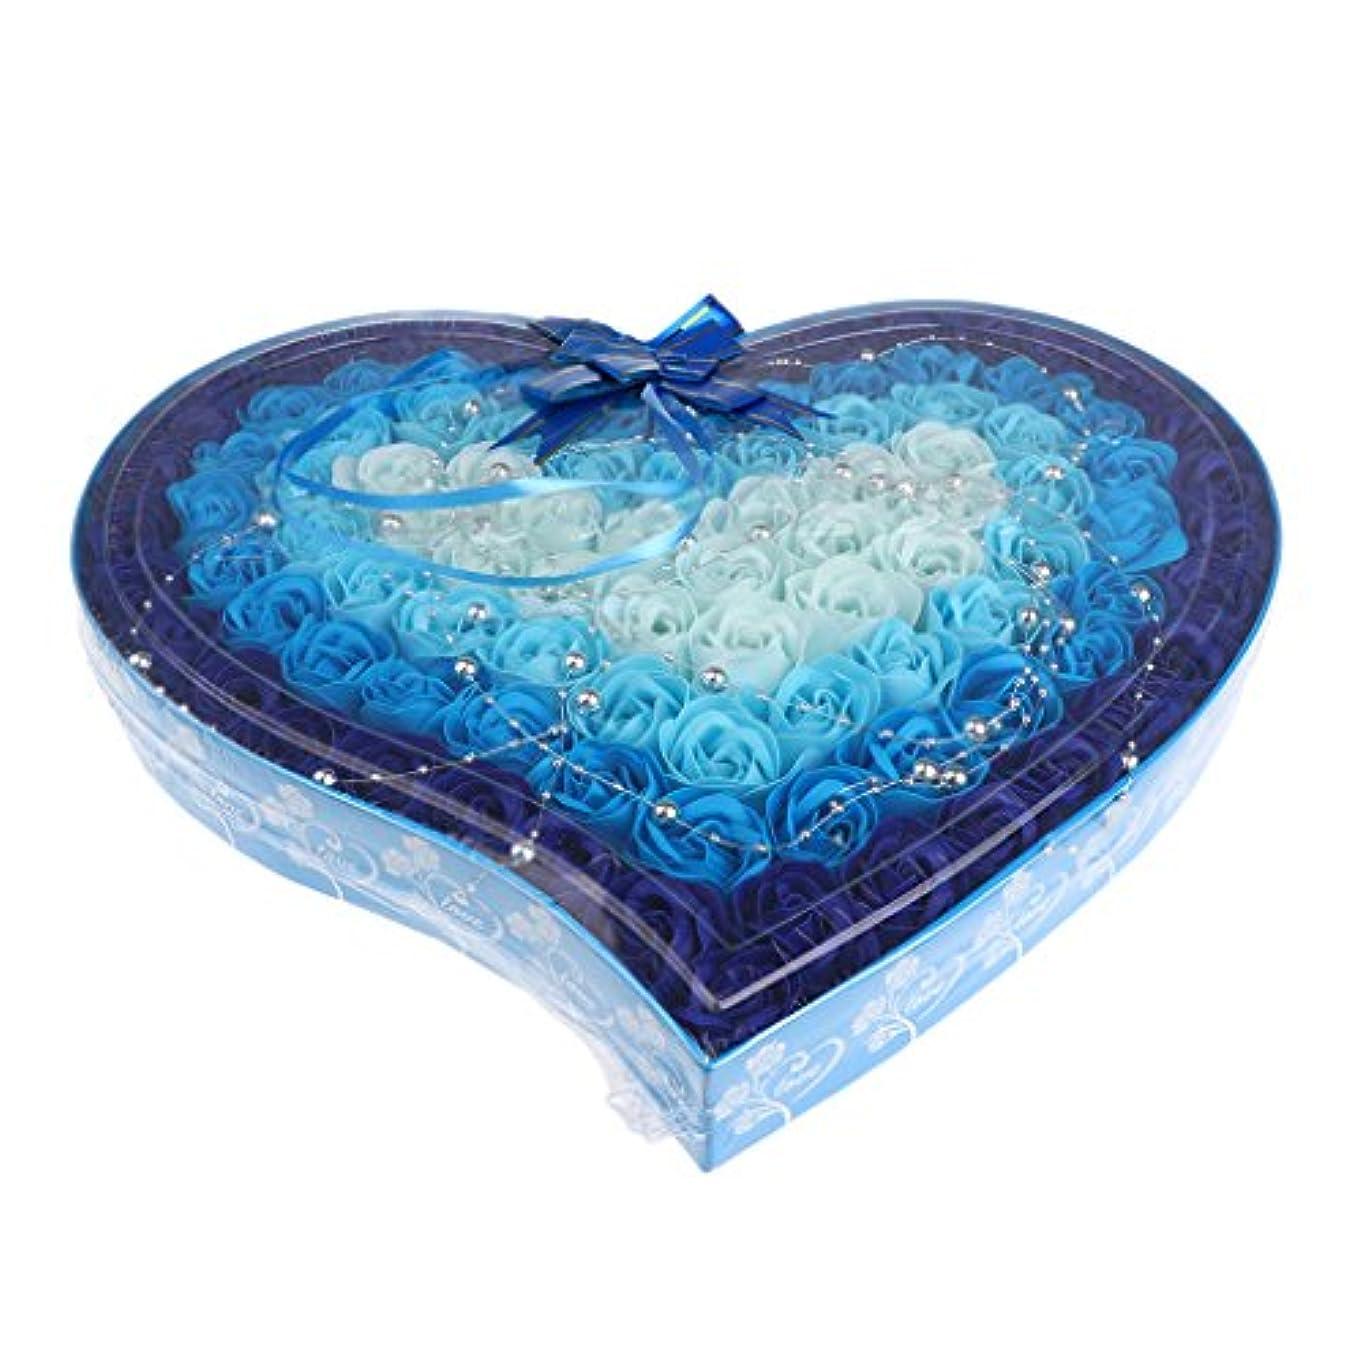 充実素晴らしき切り離すKesoto 石鹸の花 造花 ソープフラワー 心の形 ギフトボックス  母の日   バレンタイン プレゼント 全4色選べる - 青